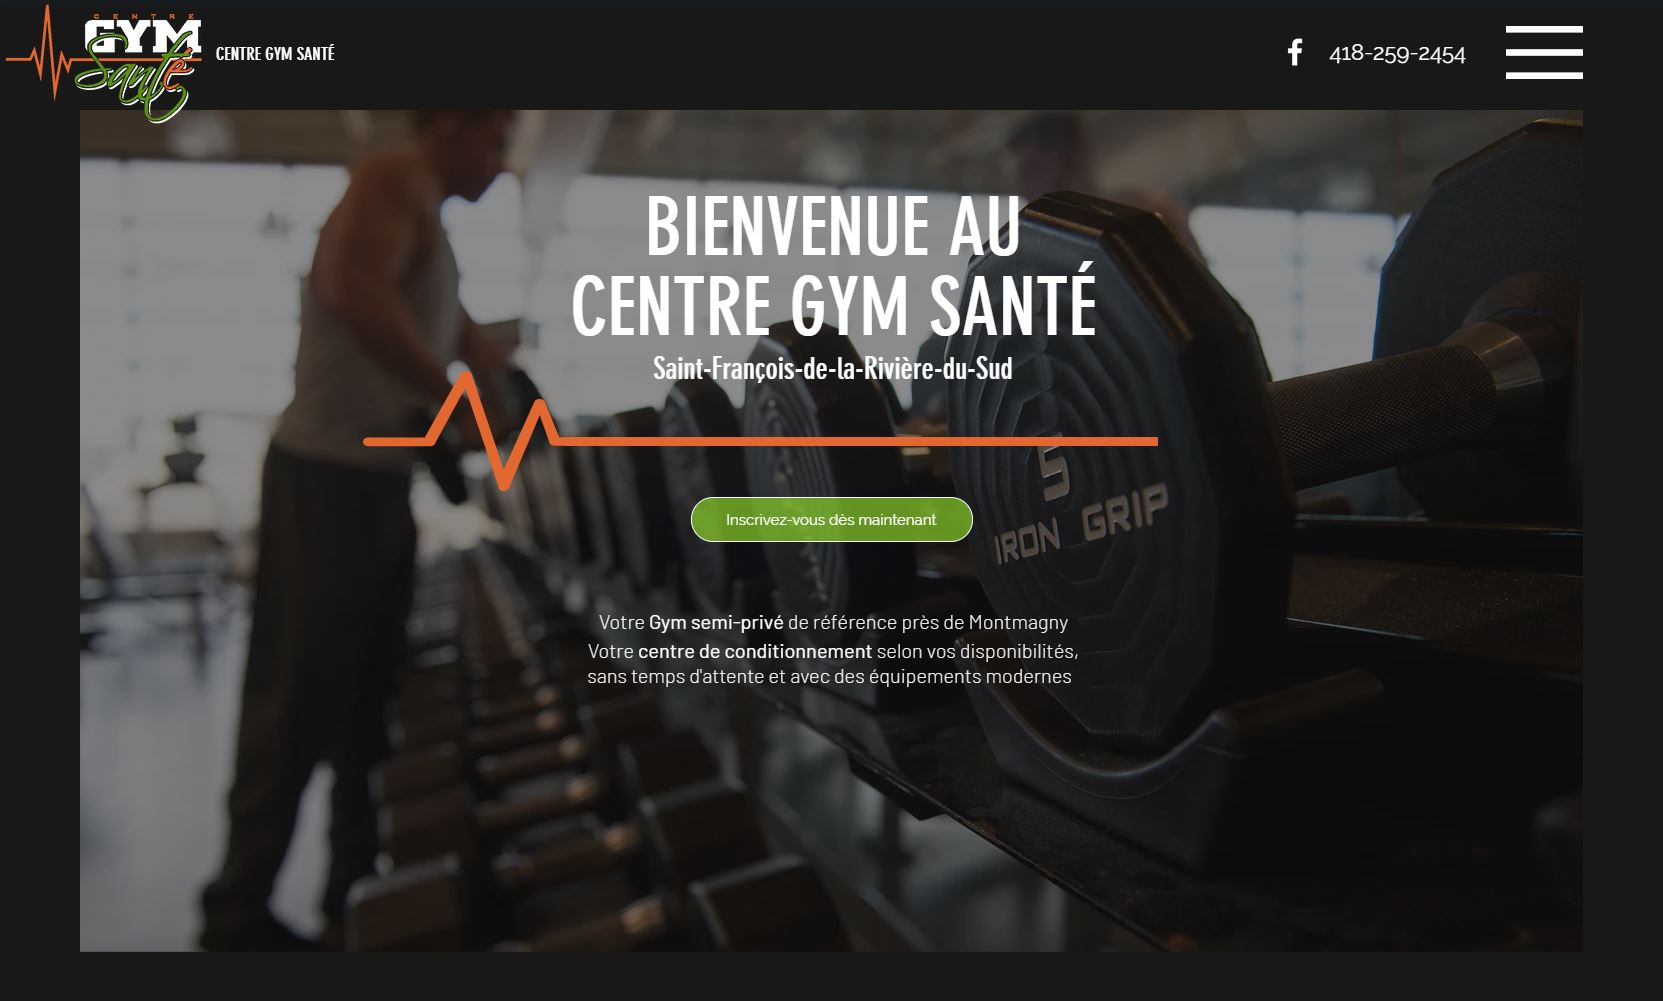 Centre Gym Santé